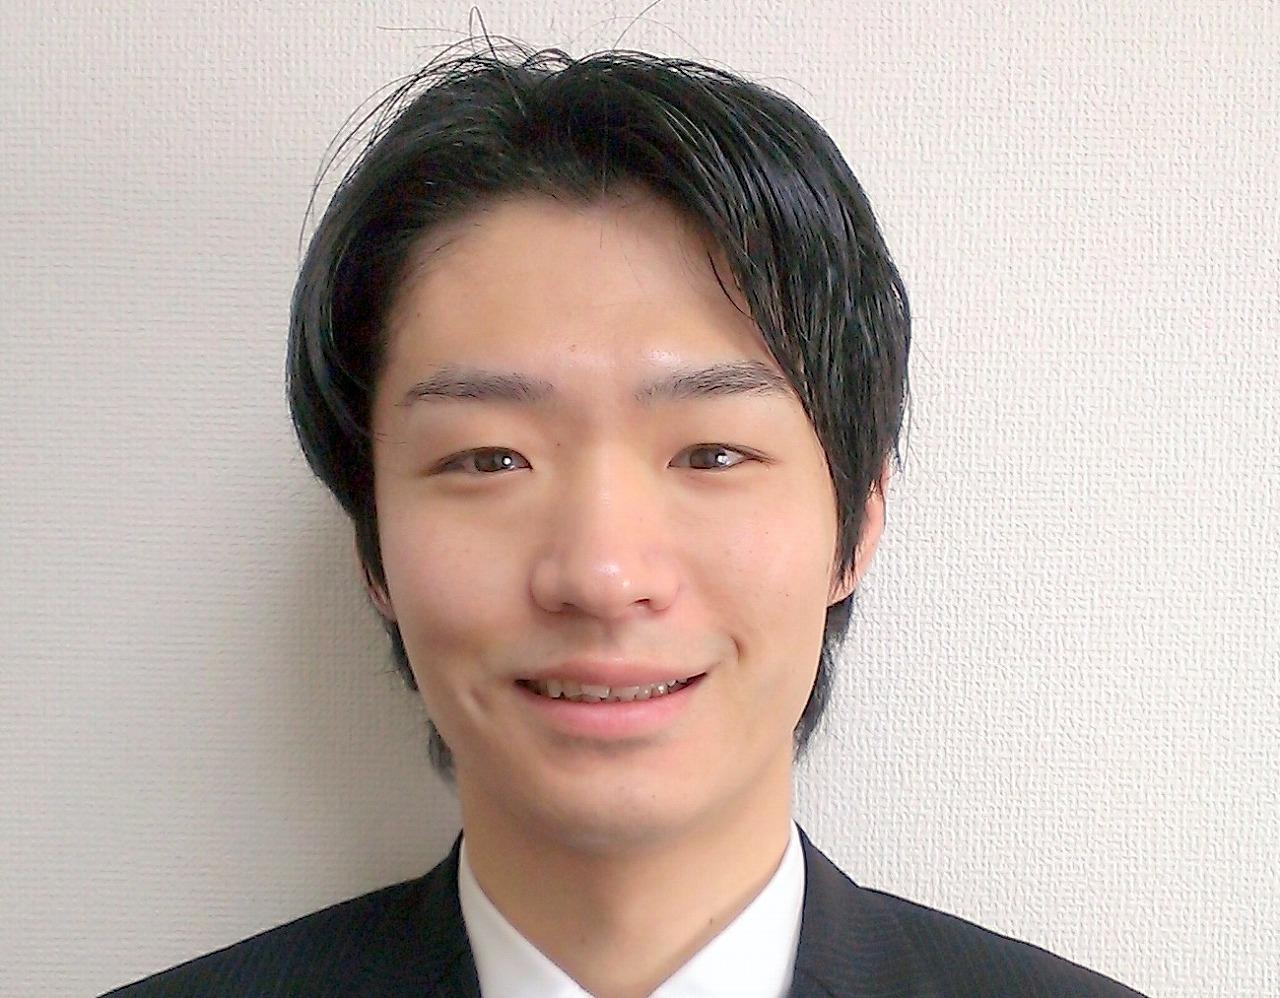 渋谷プロフ写真